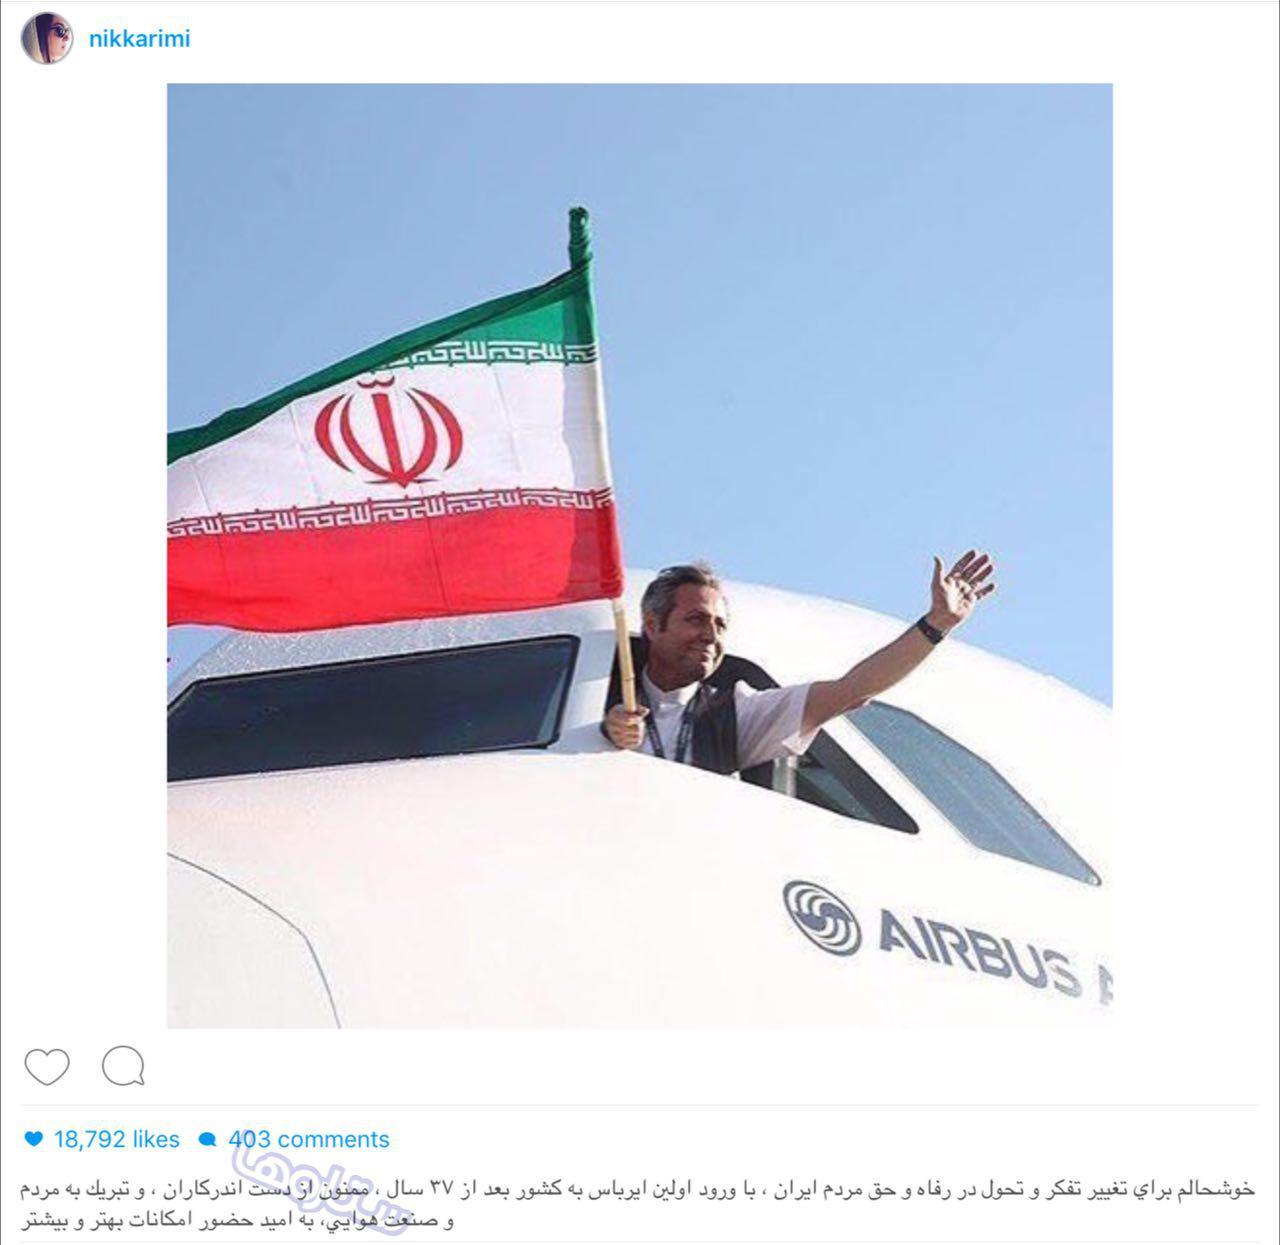 واکنش جالب نیکی کریمی نسبت به ایرباس تازه وارد به ایران